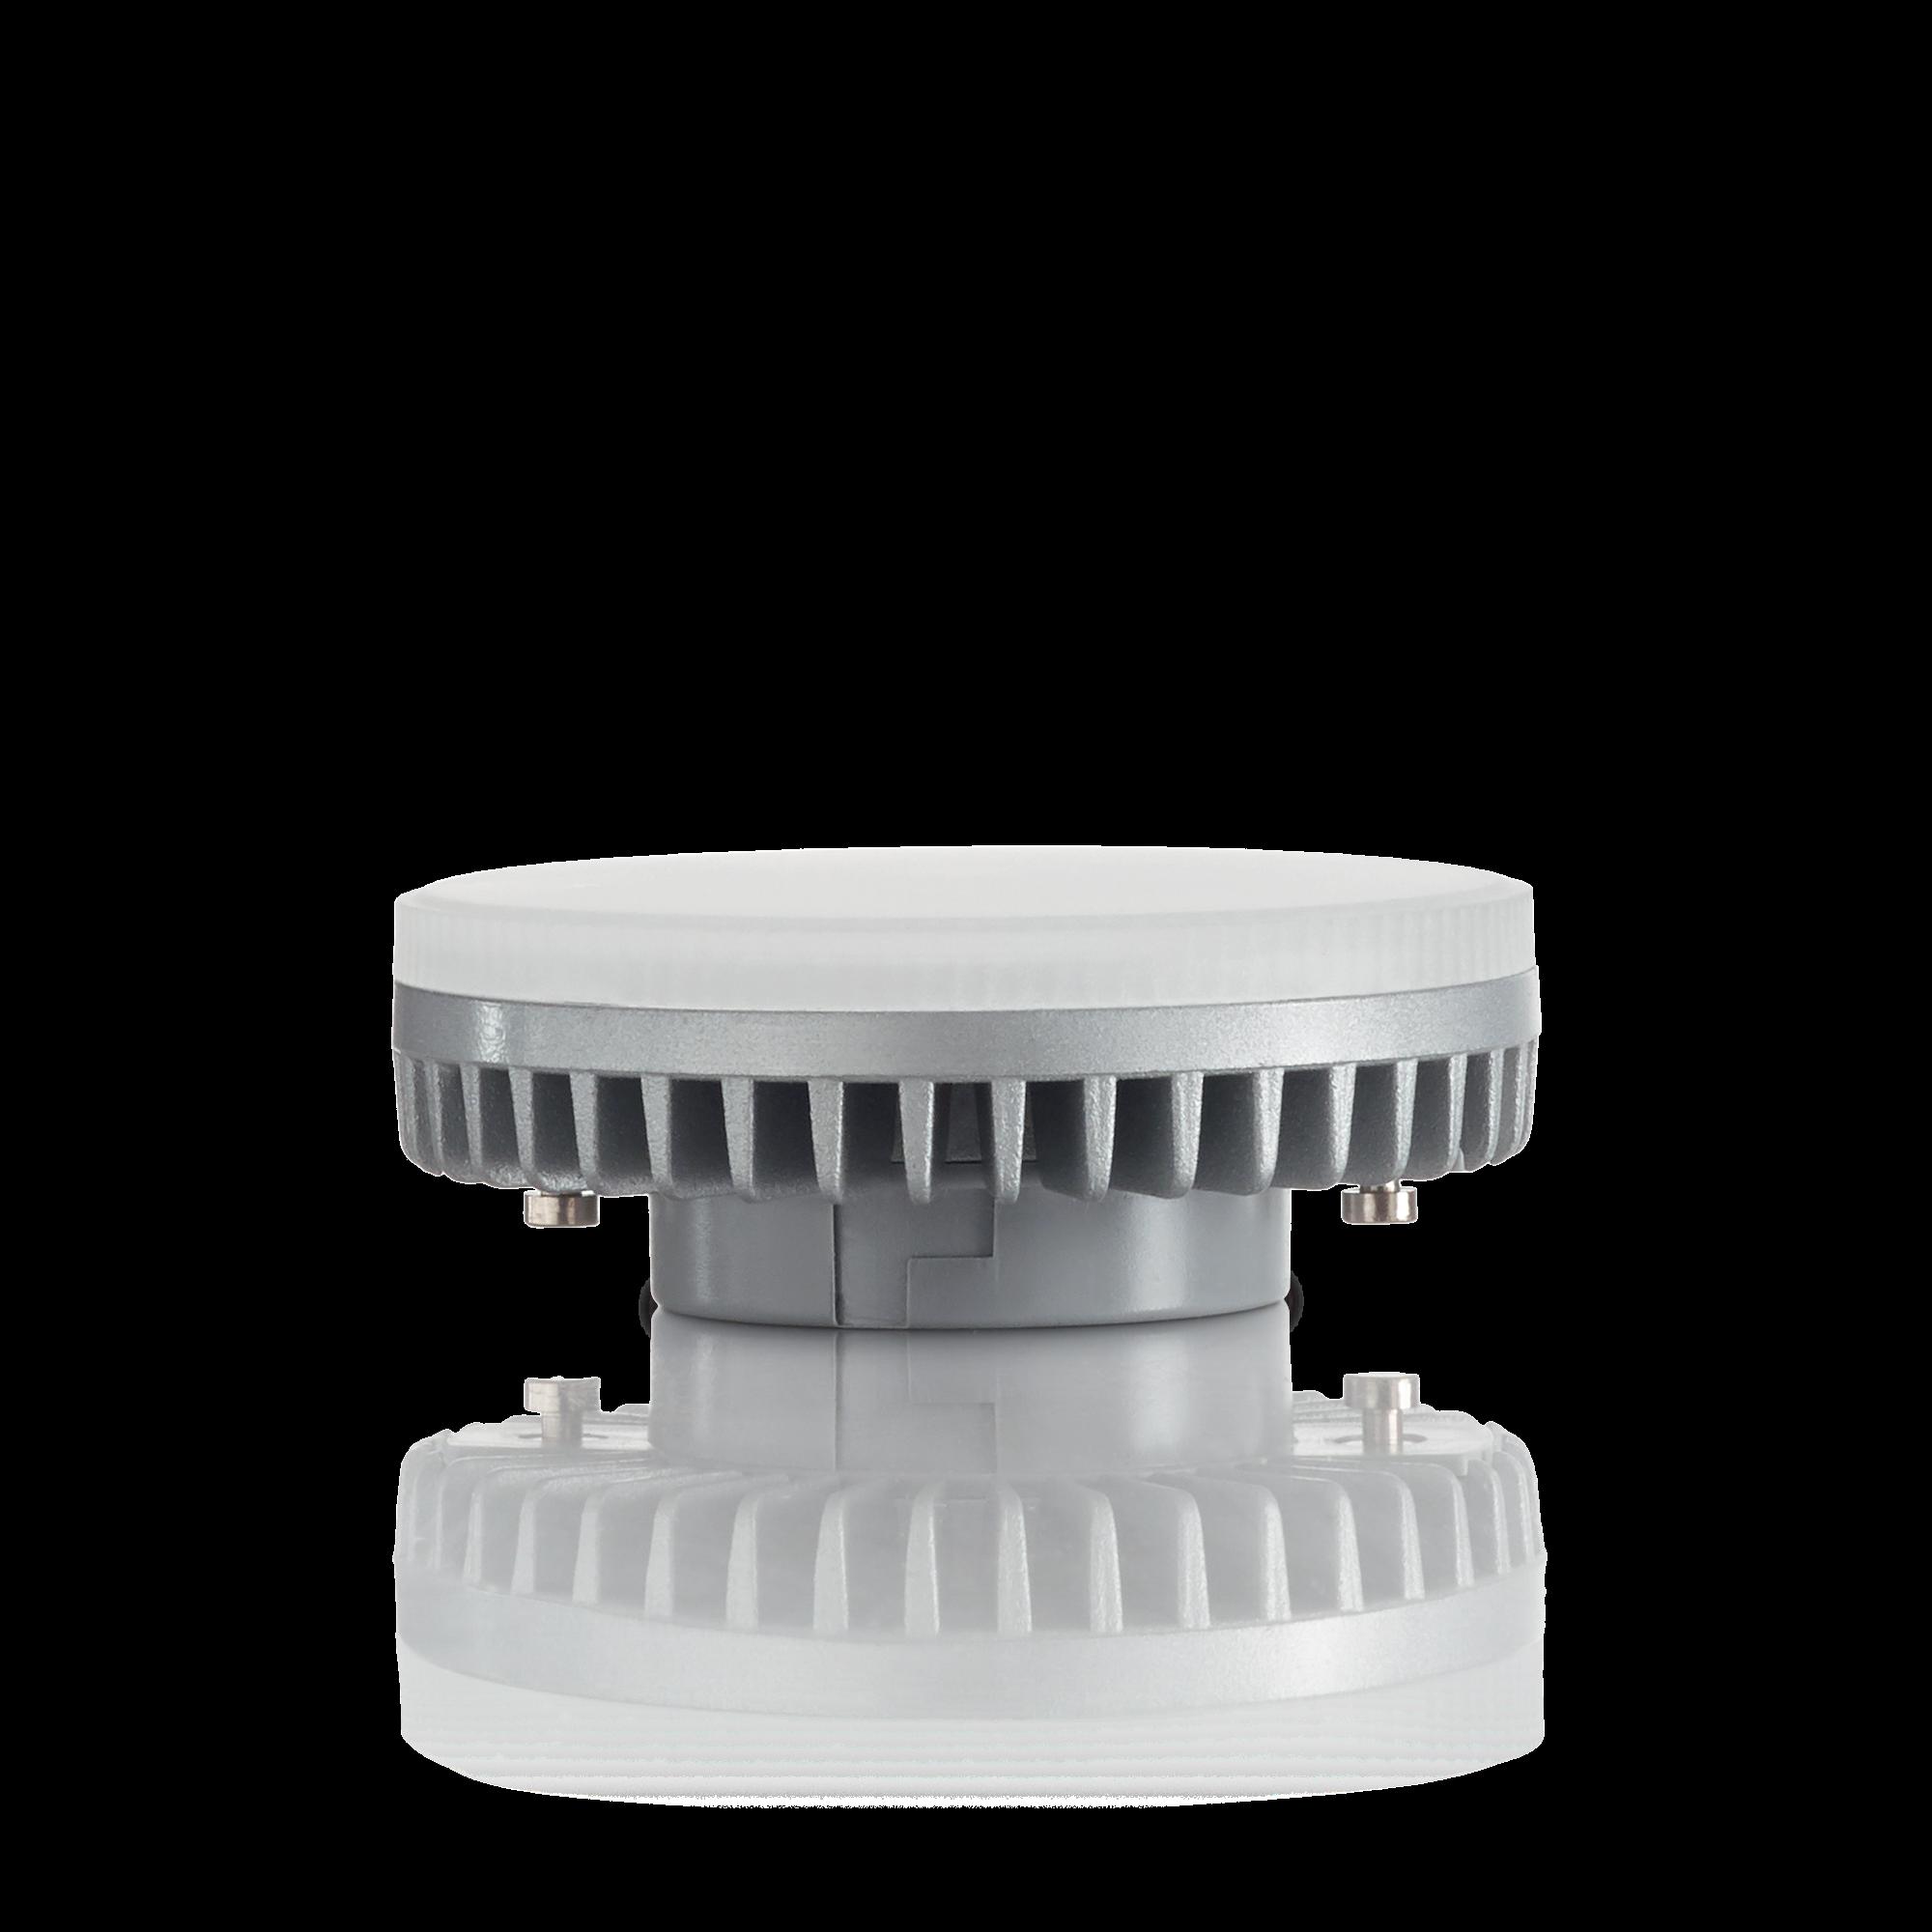 Светодиодная лампа Ideal Lux LAMPADINA CLASSIC GX53 9.5W 800 Lm 4000K 154008 GX53 9,5W (дневной) 240V - фото 1